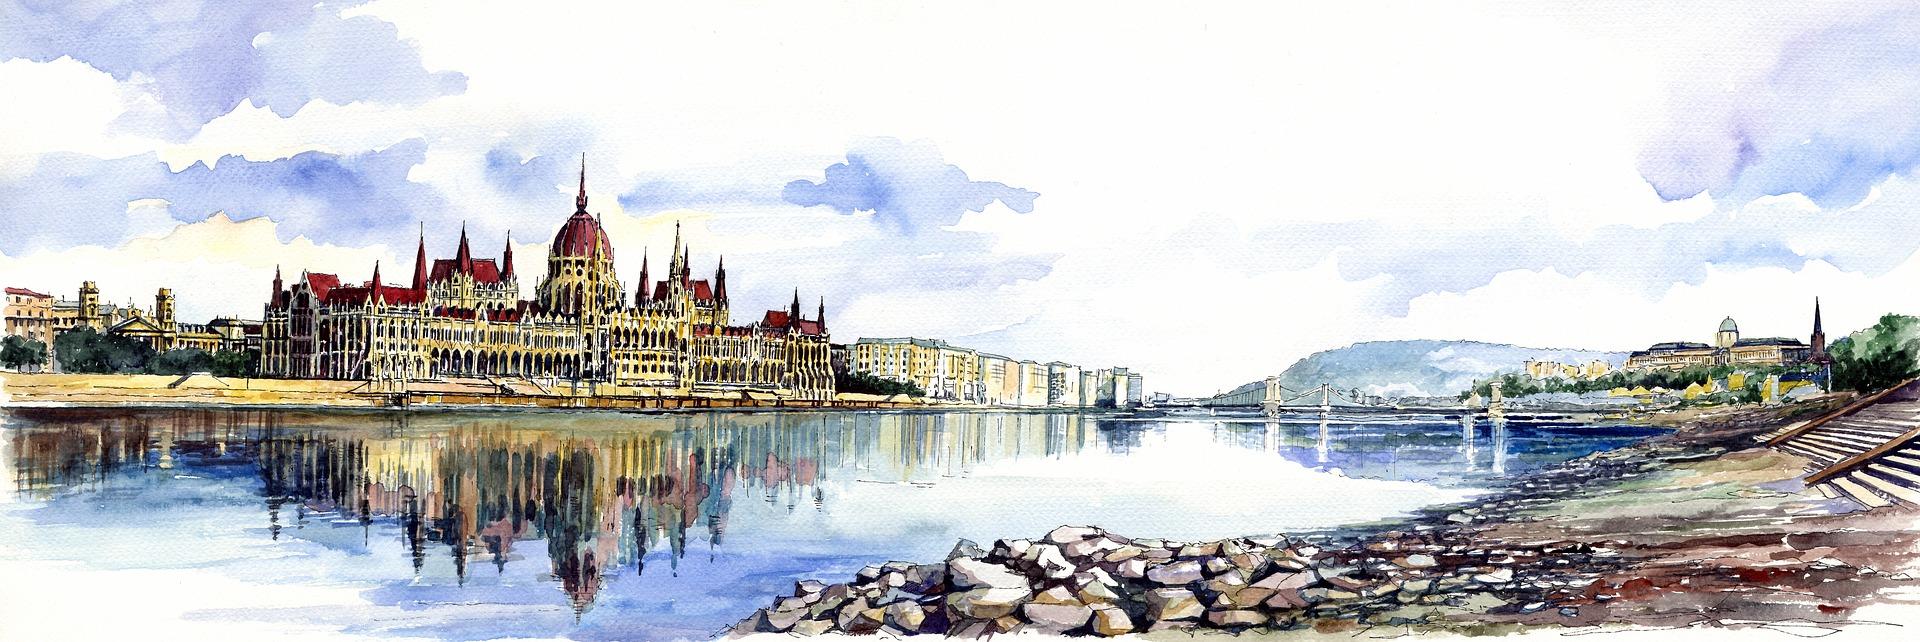 будапешт музей